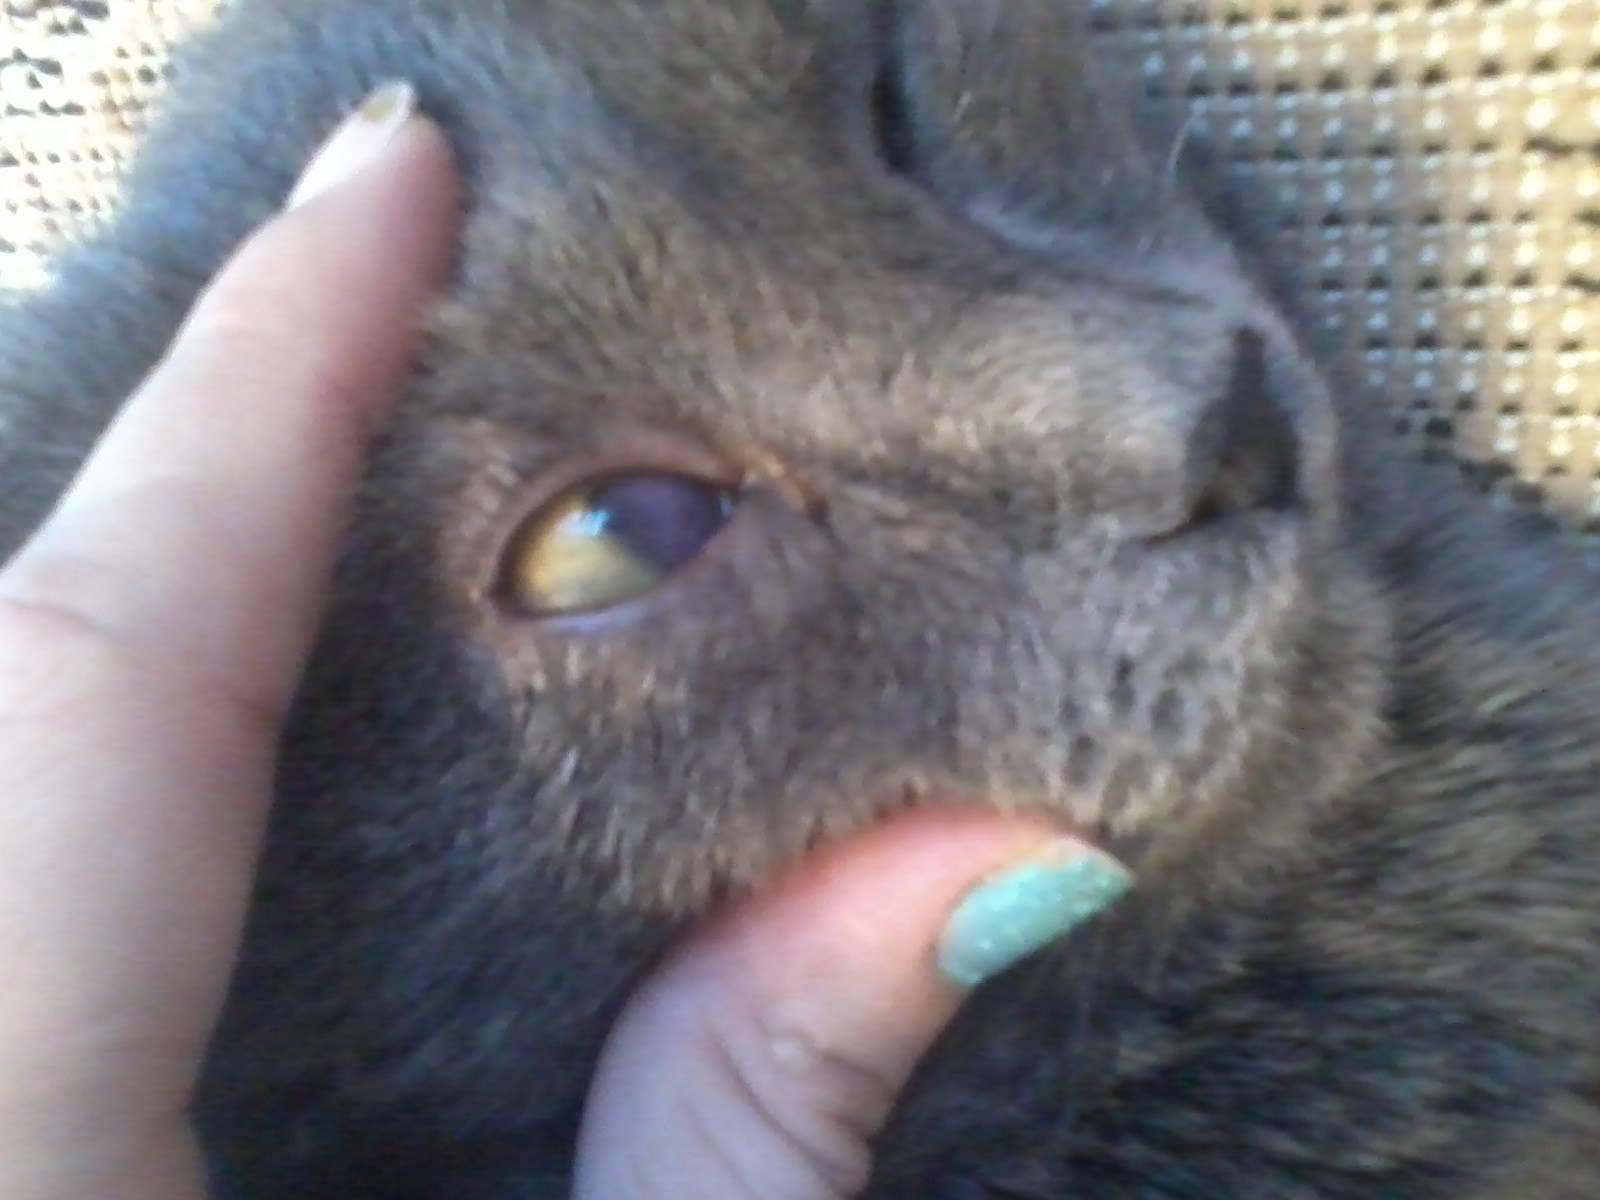 Кот болеет глаза затянуты пленкой